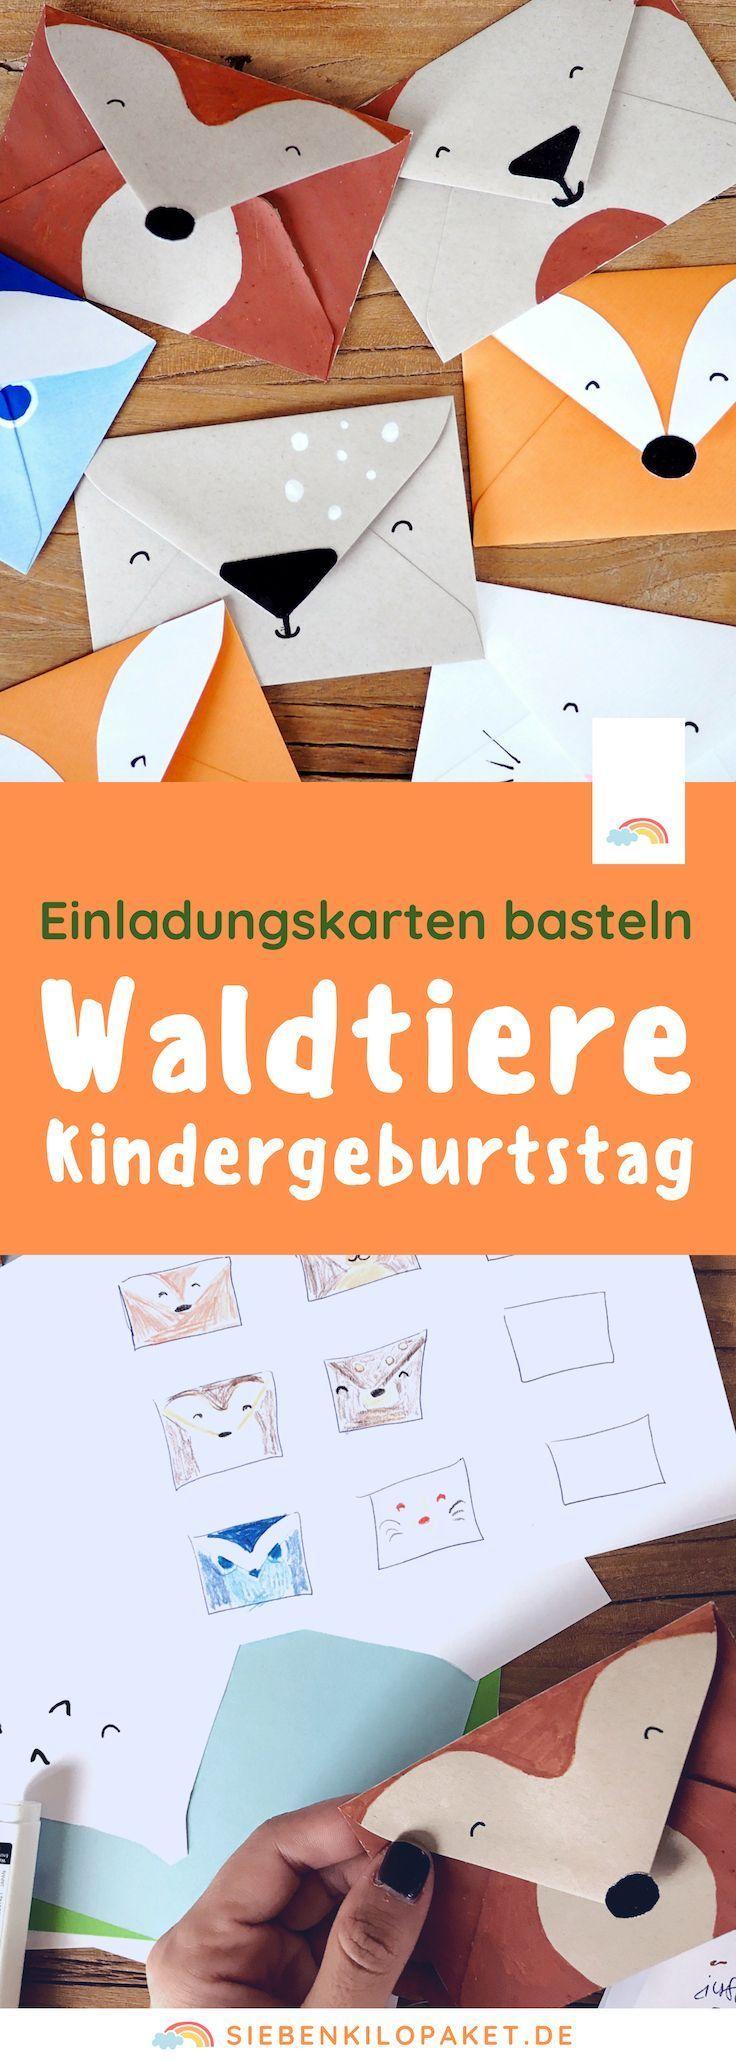 Einladung Kindergeburtstag basteln Waldtiere Motto…